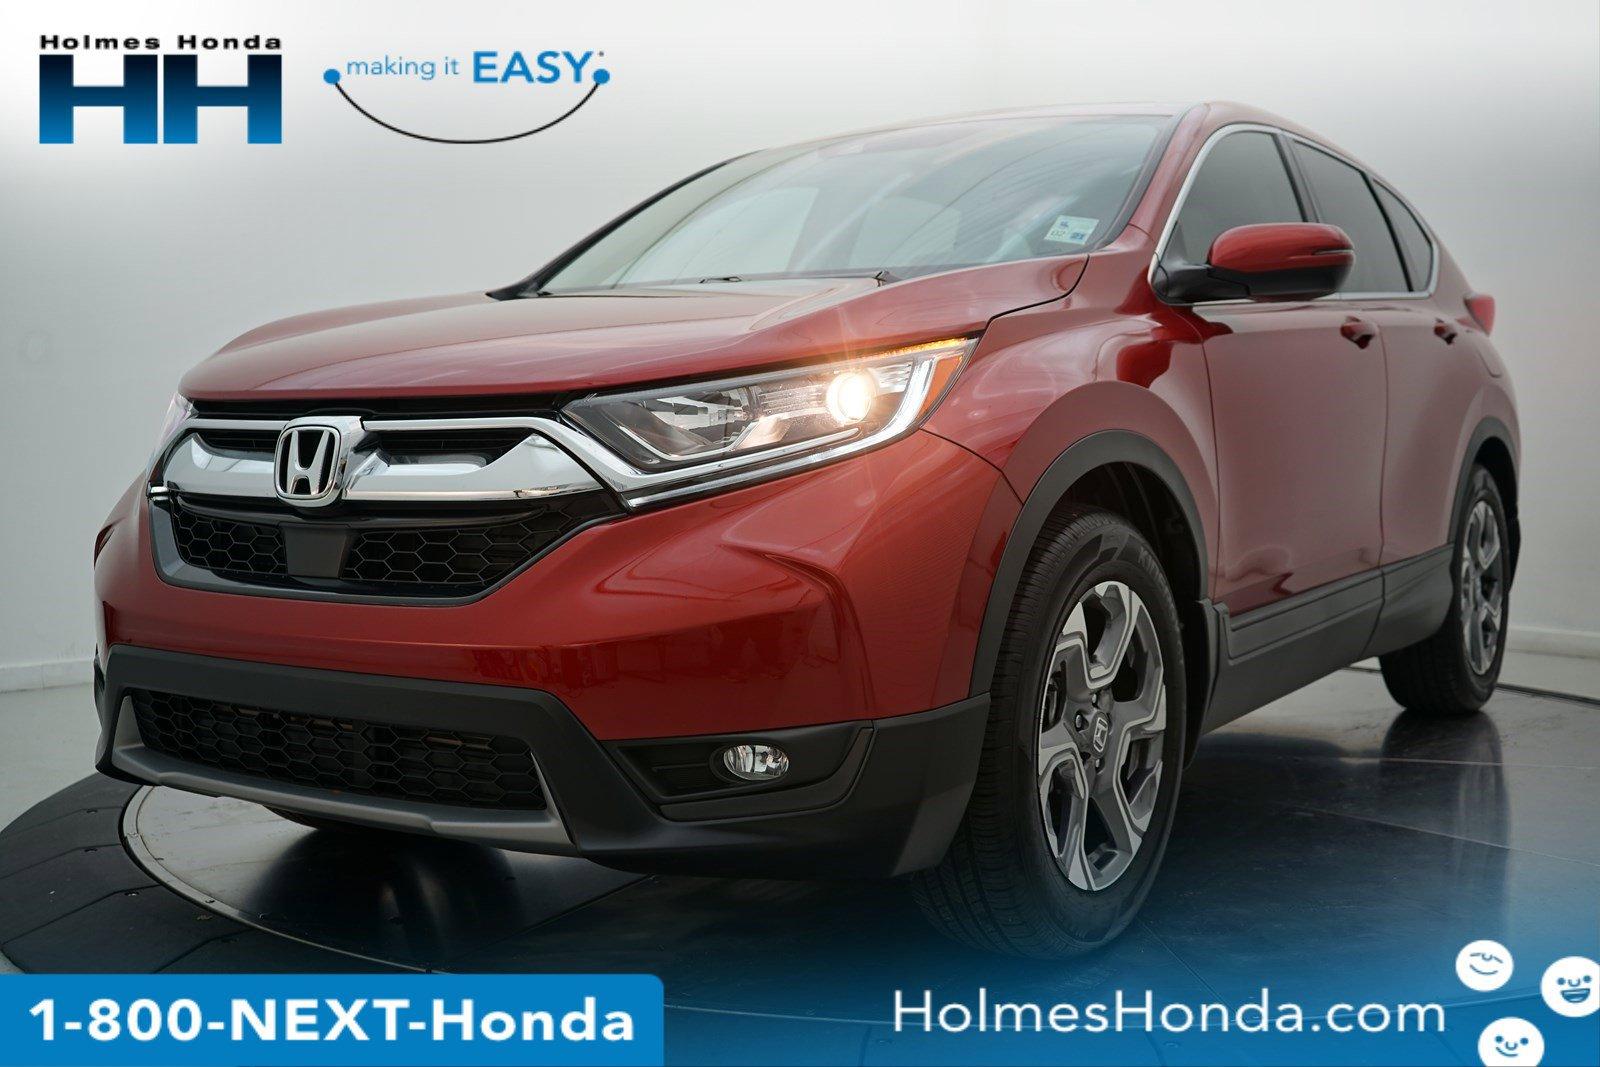 2019 Honda CR-V FWD EX image